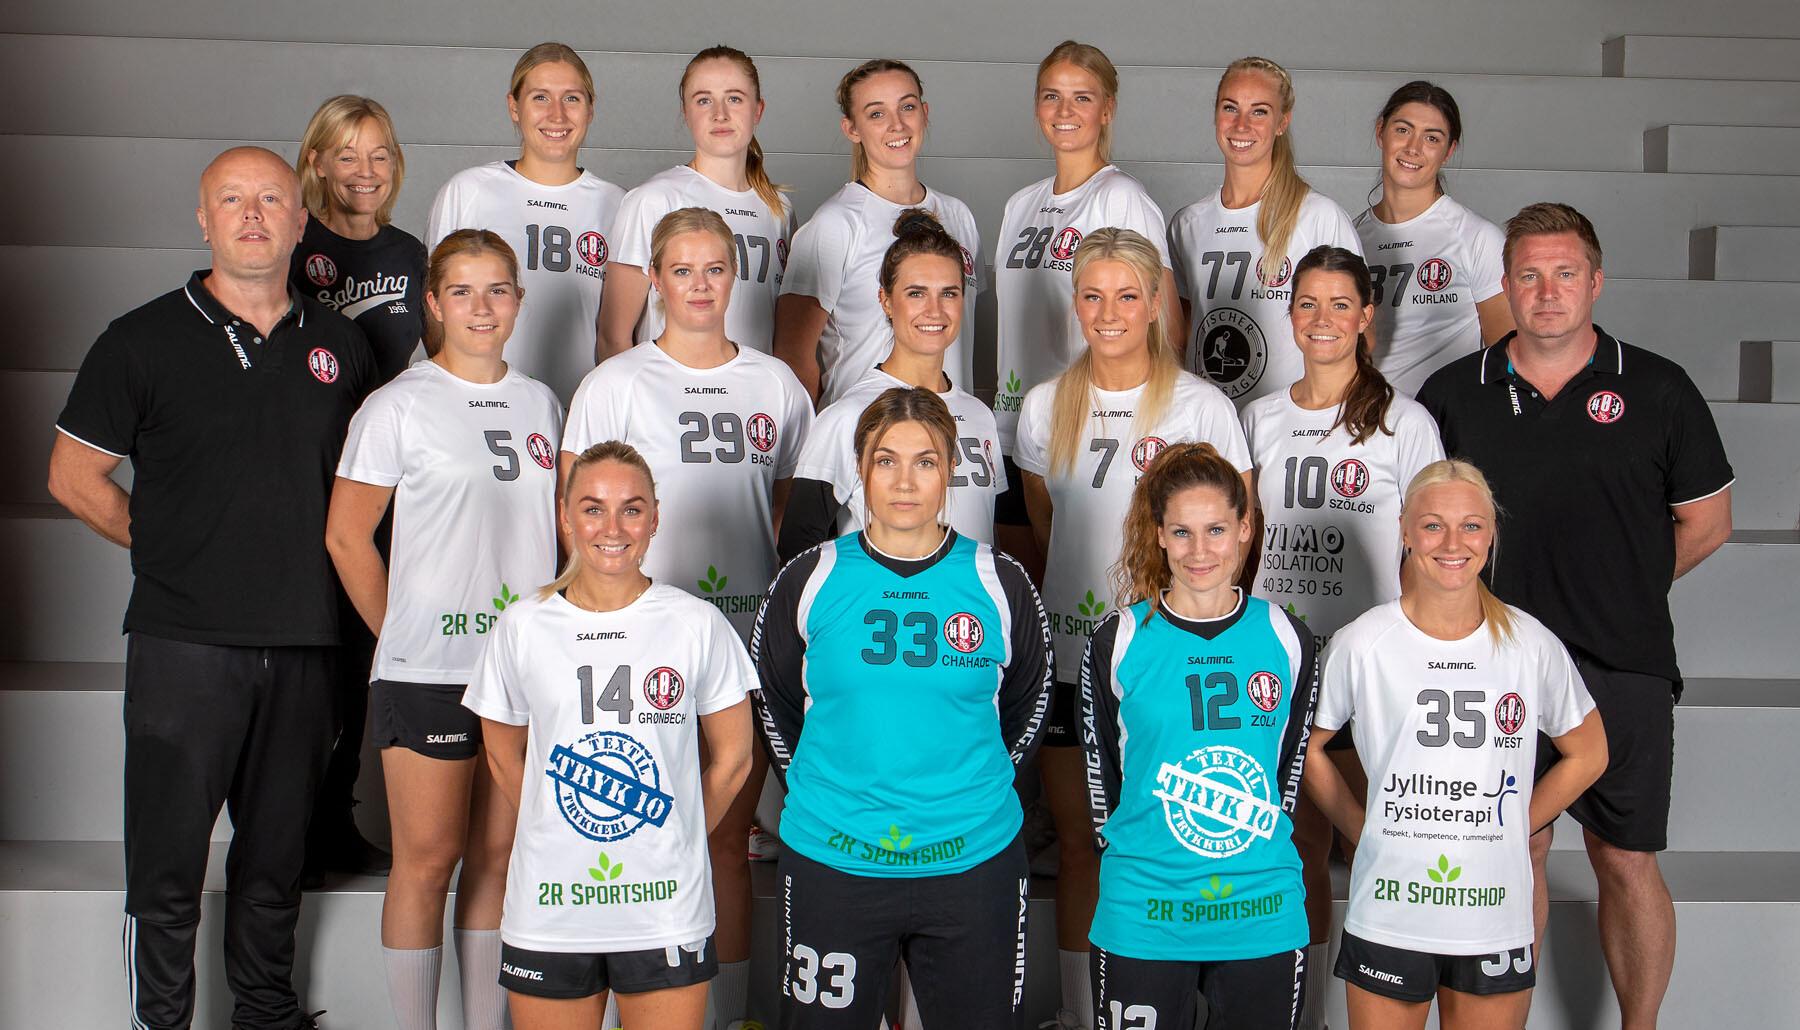 HØJ Elitehåndbold damehold 2020-21